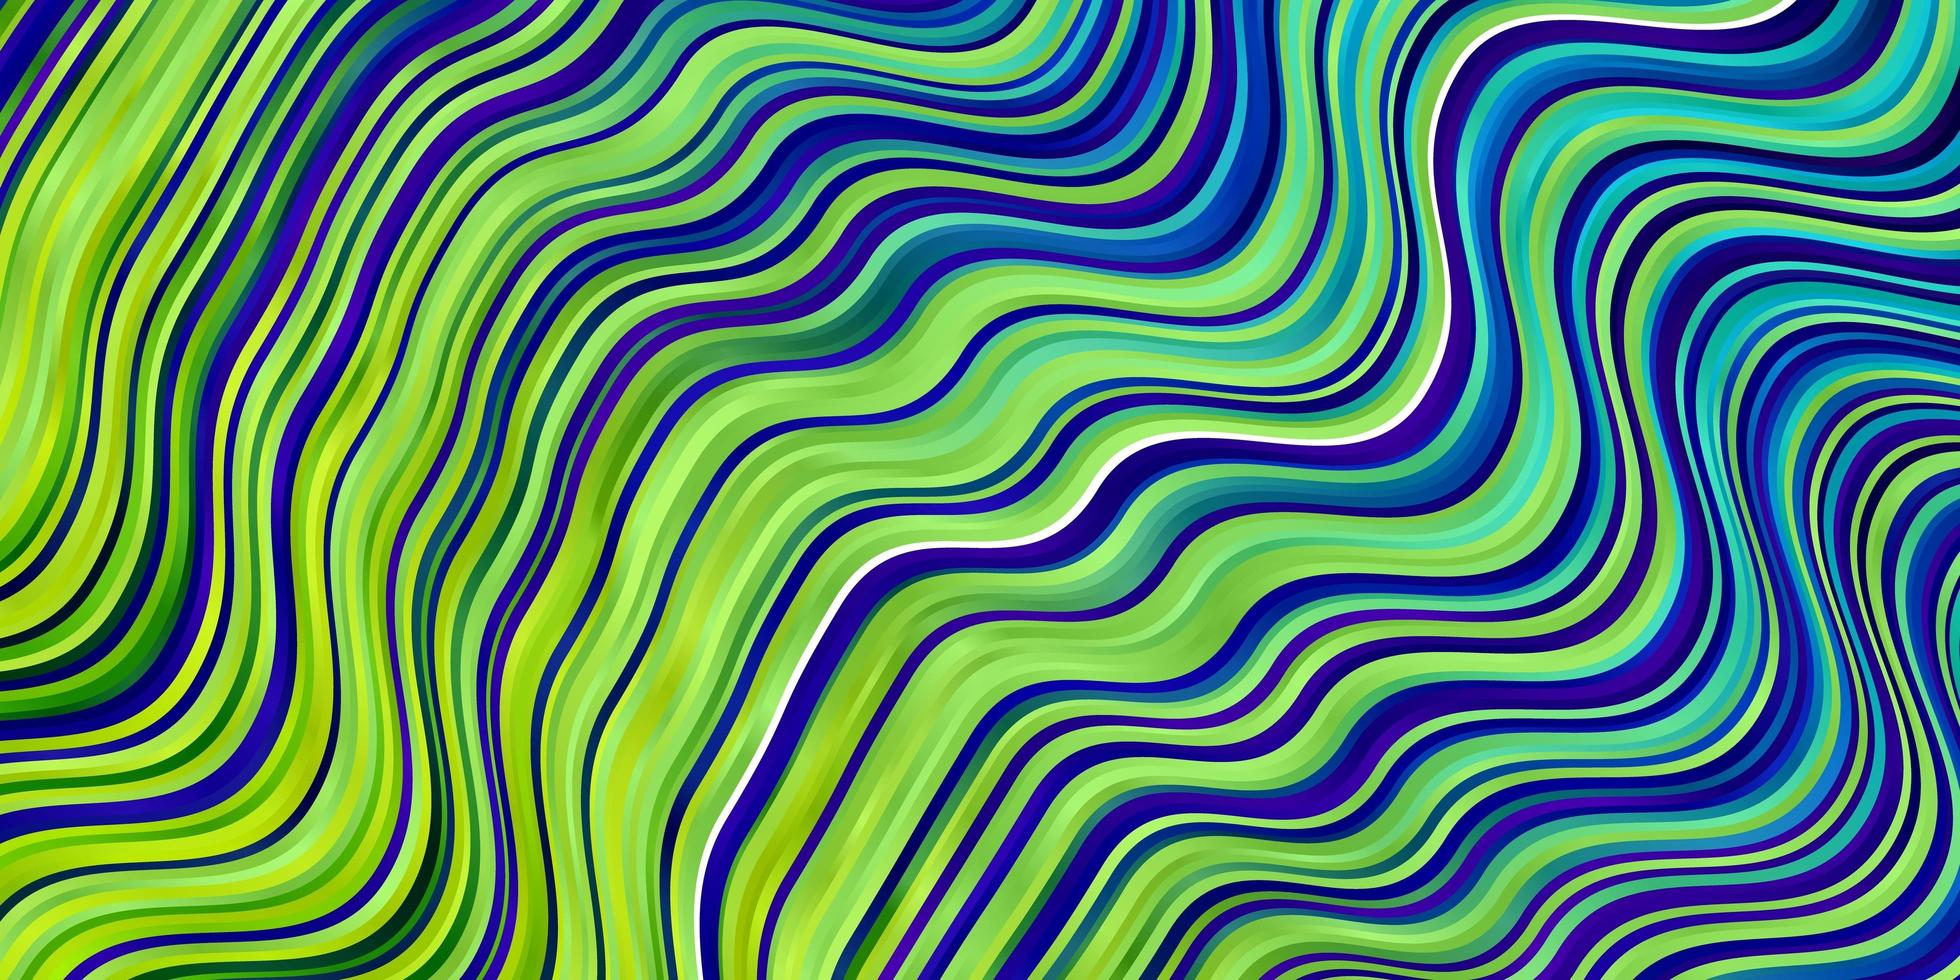 modello vettoriale multicolore chiaro con linee ironiche.